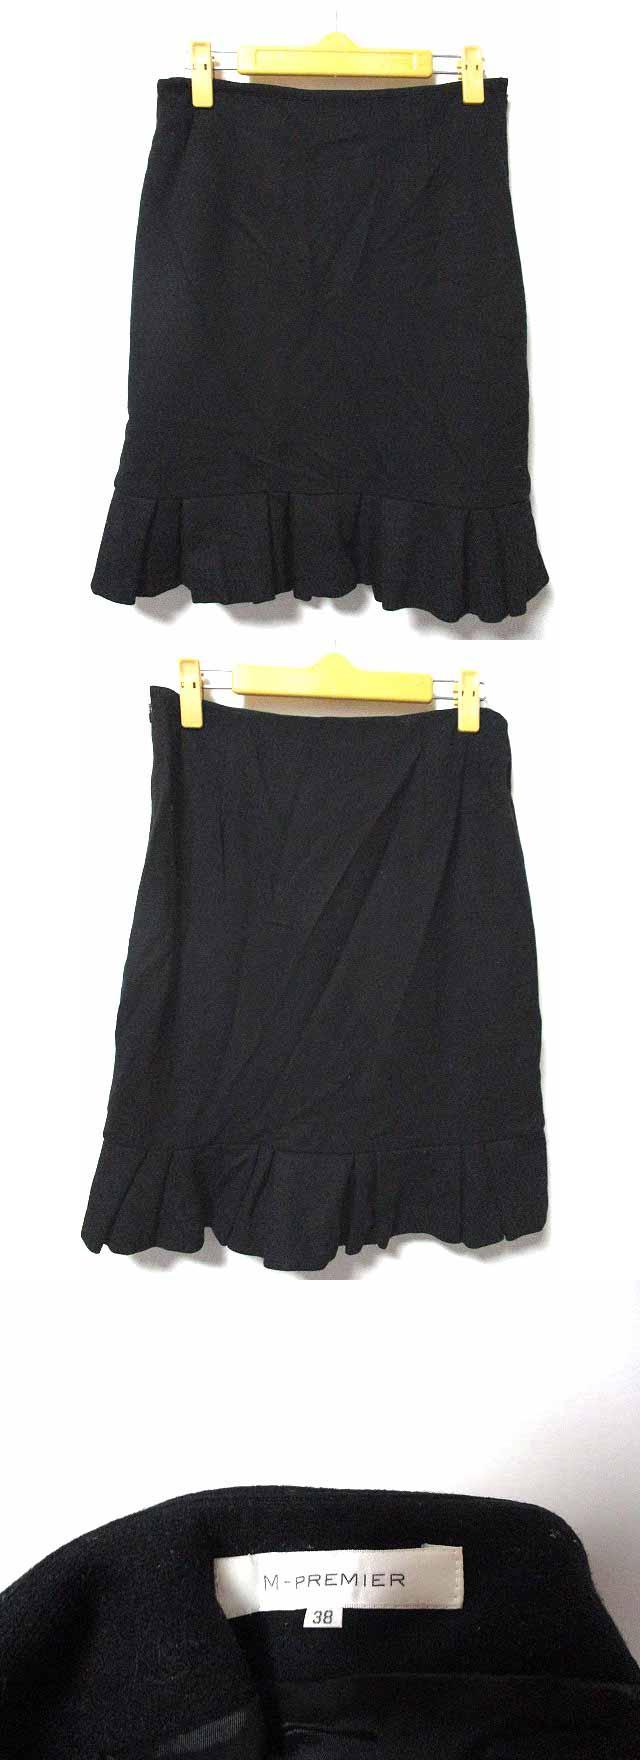 スカート ボトムス 裾フリル 起毛 黒 38